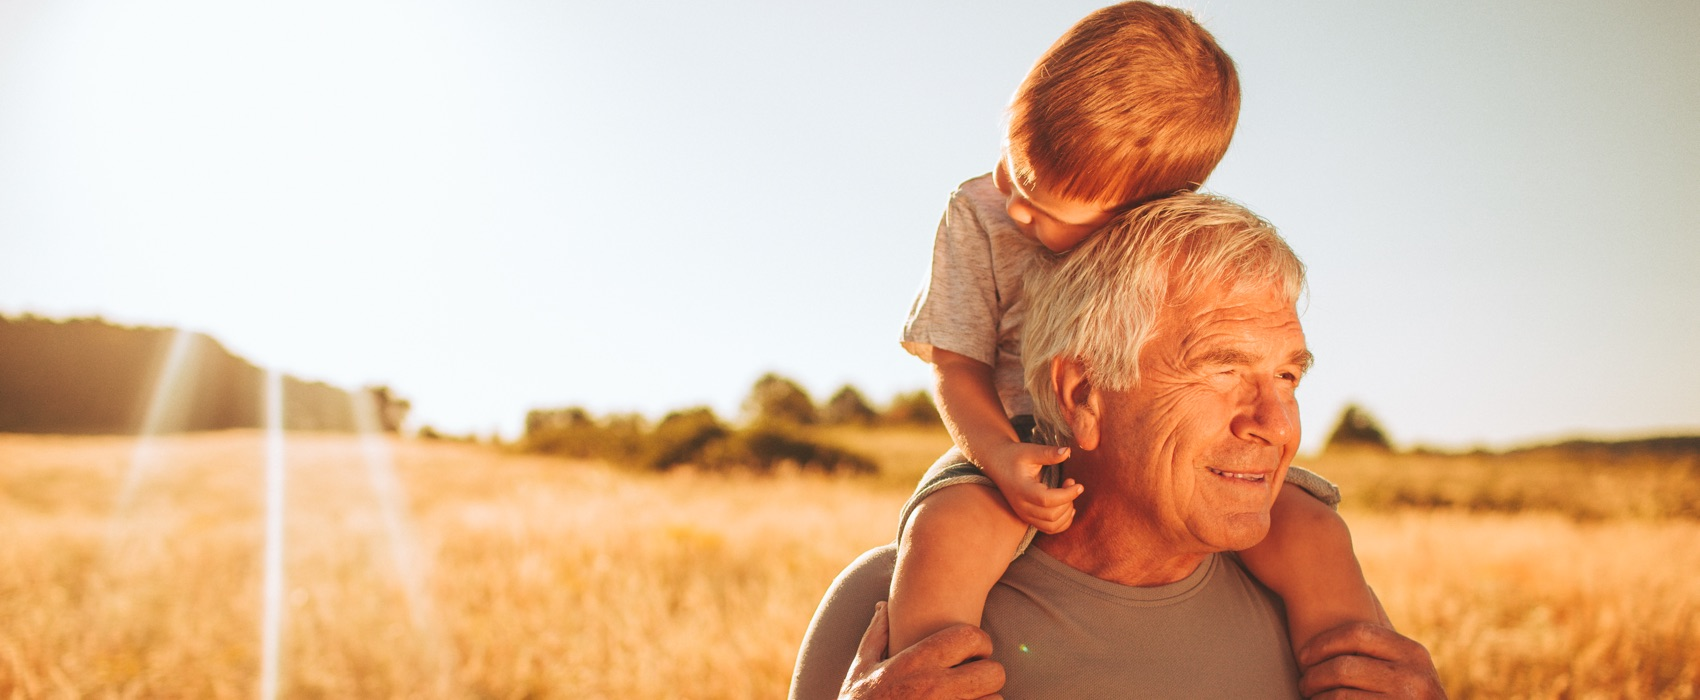 Großvater trägt Enkel auf seinen Schultern.